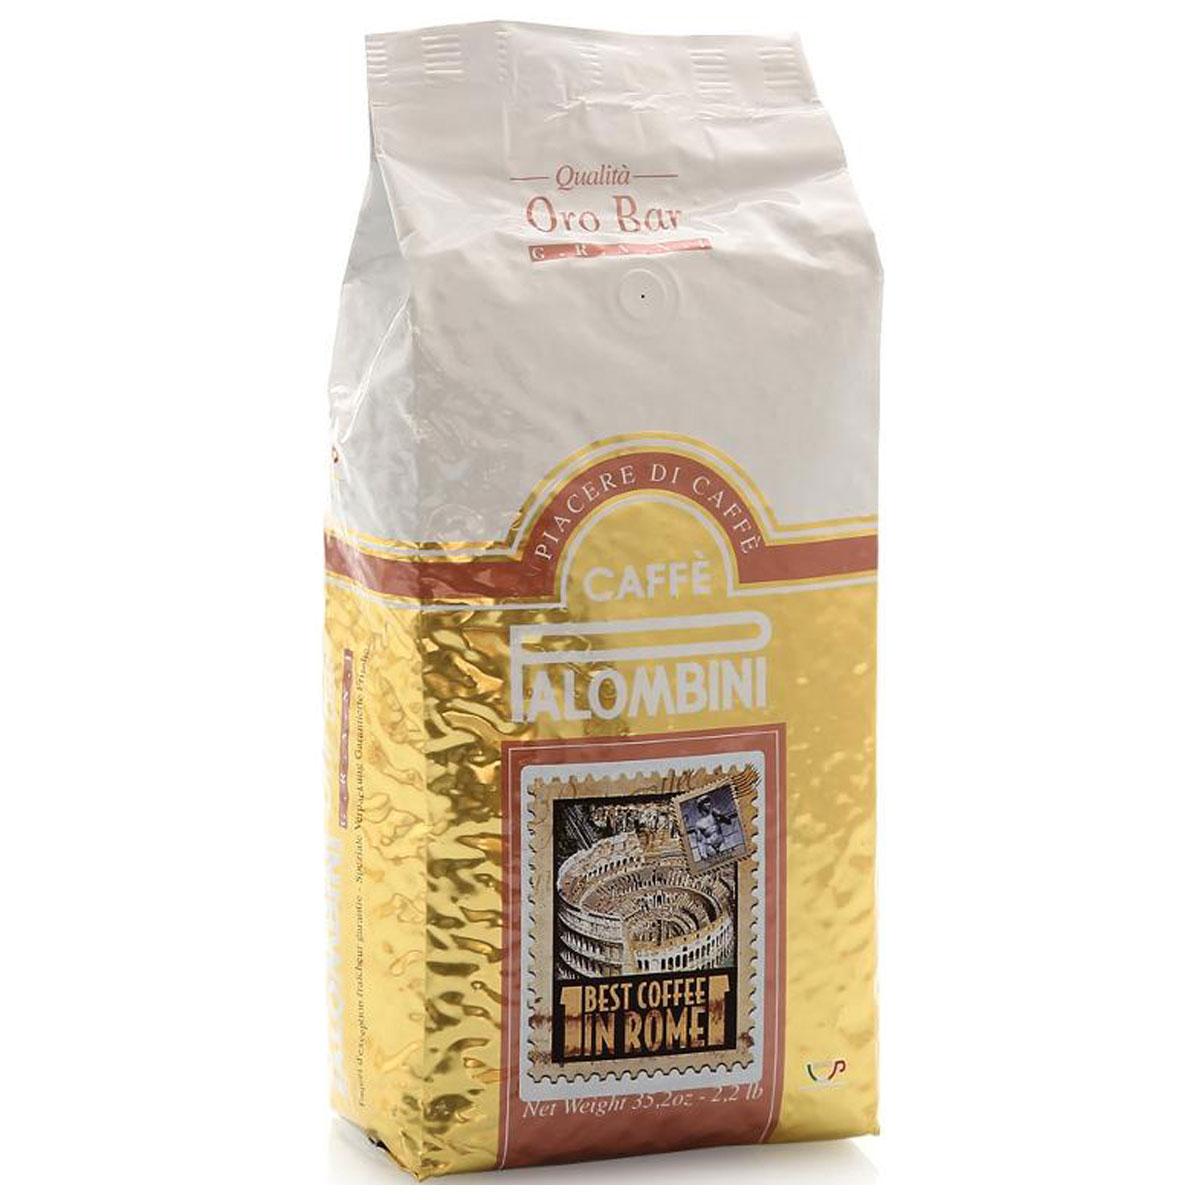 Palombini Oro Bar кофе в зернах, 1 кг101246Натуральный жареный кофе в зернах Palombini Oro Bar,высший сорт. Самые ценные атрибуты этой смеси - выразительность вкусаи насыщенная консистенция. Oro Bar замечательно подойдет как для приготовления пробуждающего эспрессо, так и изысканного каппуччино. Смесь содержит 85% арабики и 15% робусты.